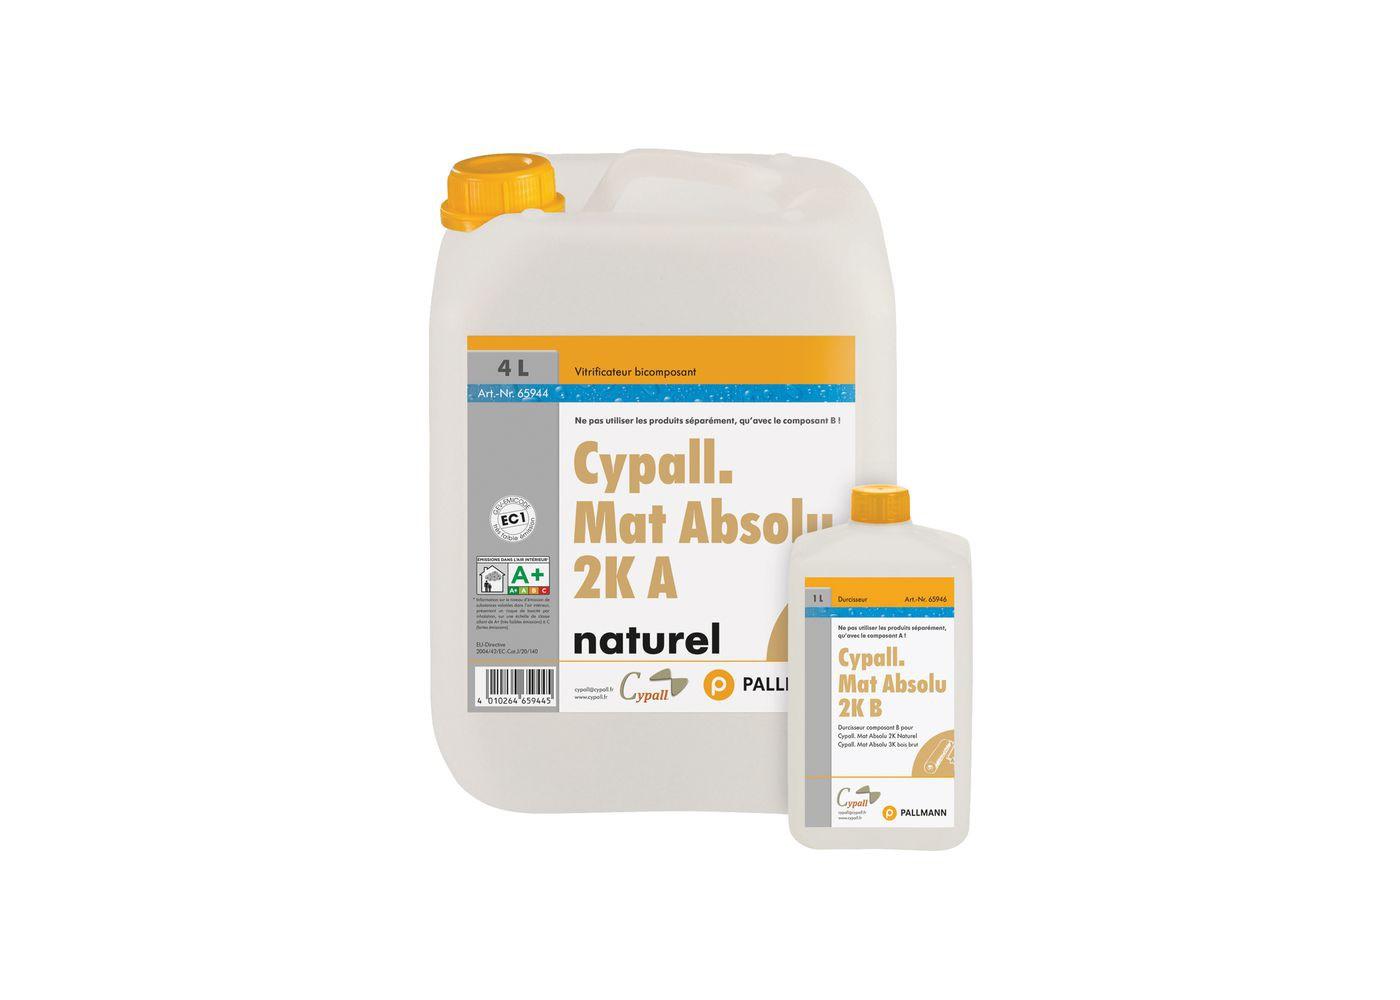 Vernis Mat Absolu 2K bi-composant polyuréthane Cypall Effet Bois Brut Gloss 4 5 + 0,5